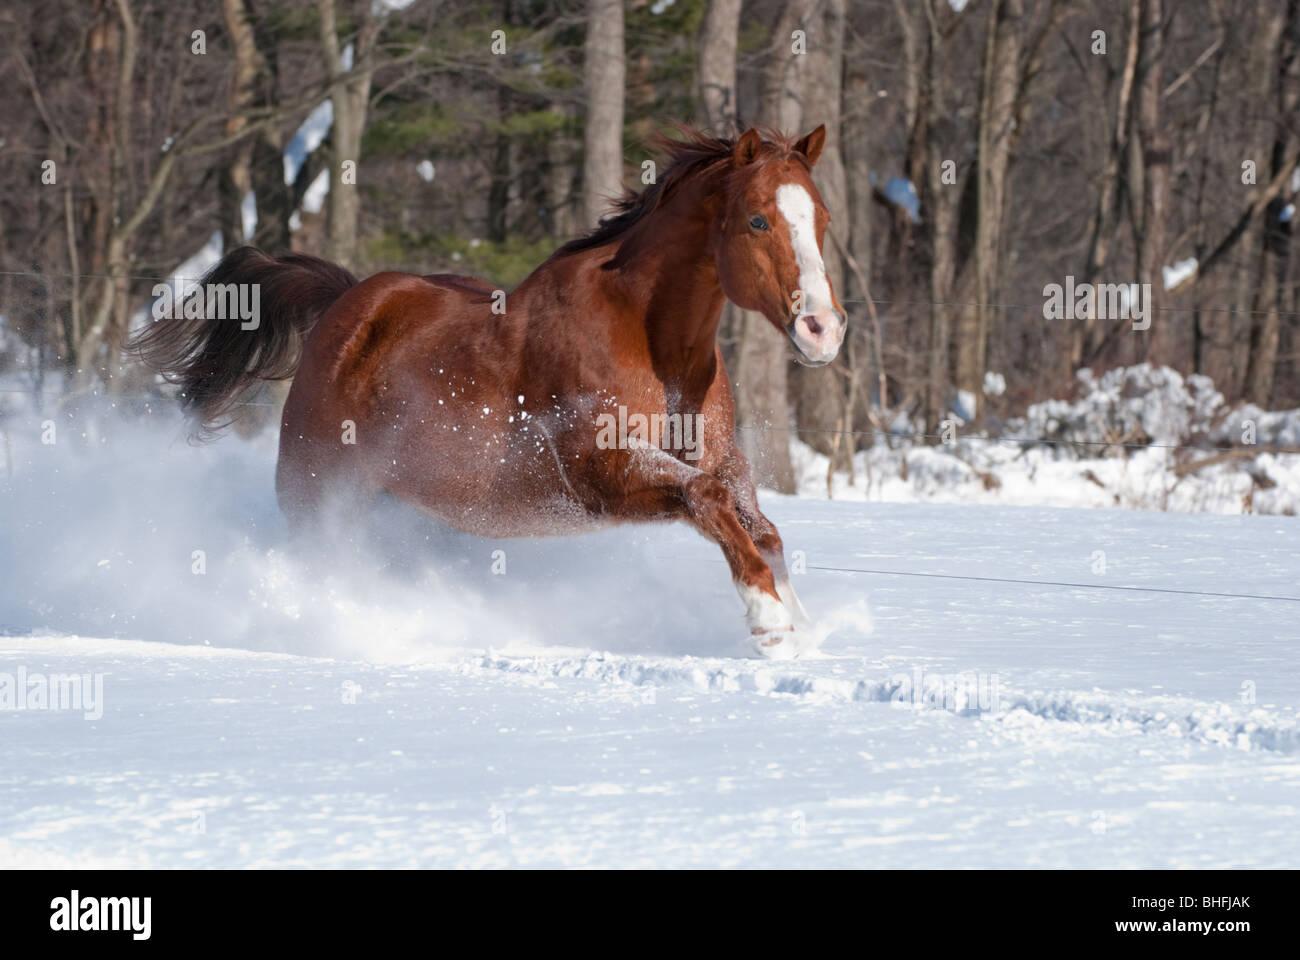 Photo de quarter horse gelding fonctionnant dans la lumière du soleil dans la neige fraîche. Banque D'Images